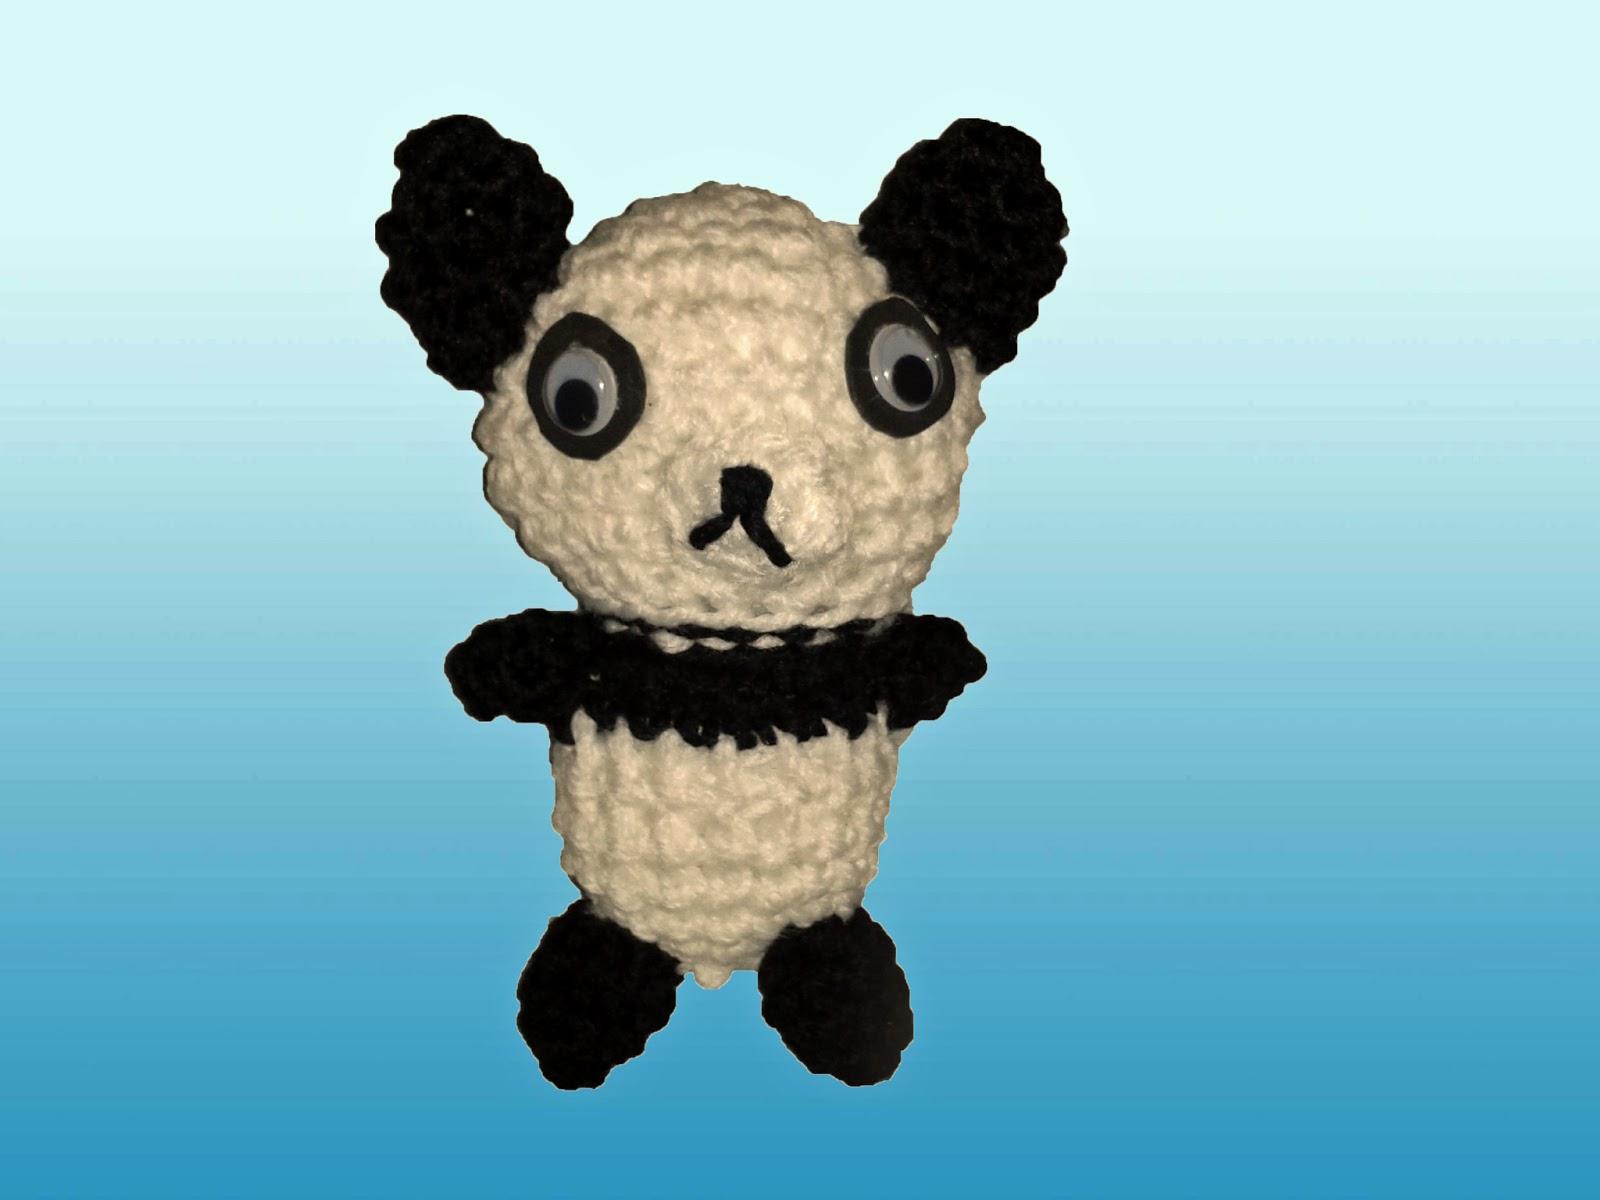 Amigurumi De Panda : Patron De Oso Panda Amigurumi apexwallpapers.com